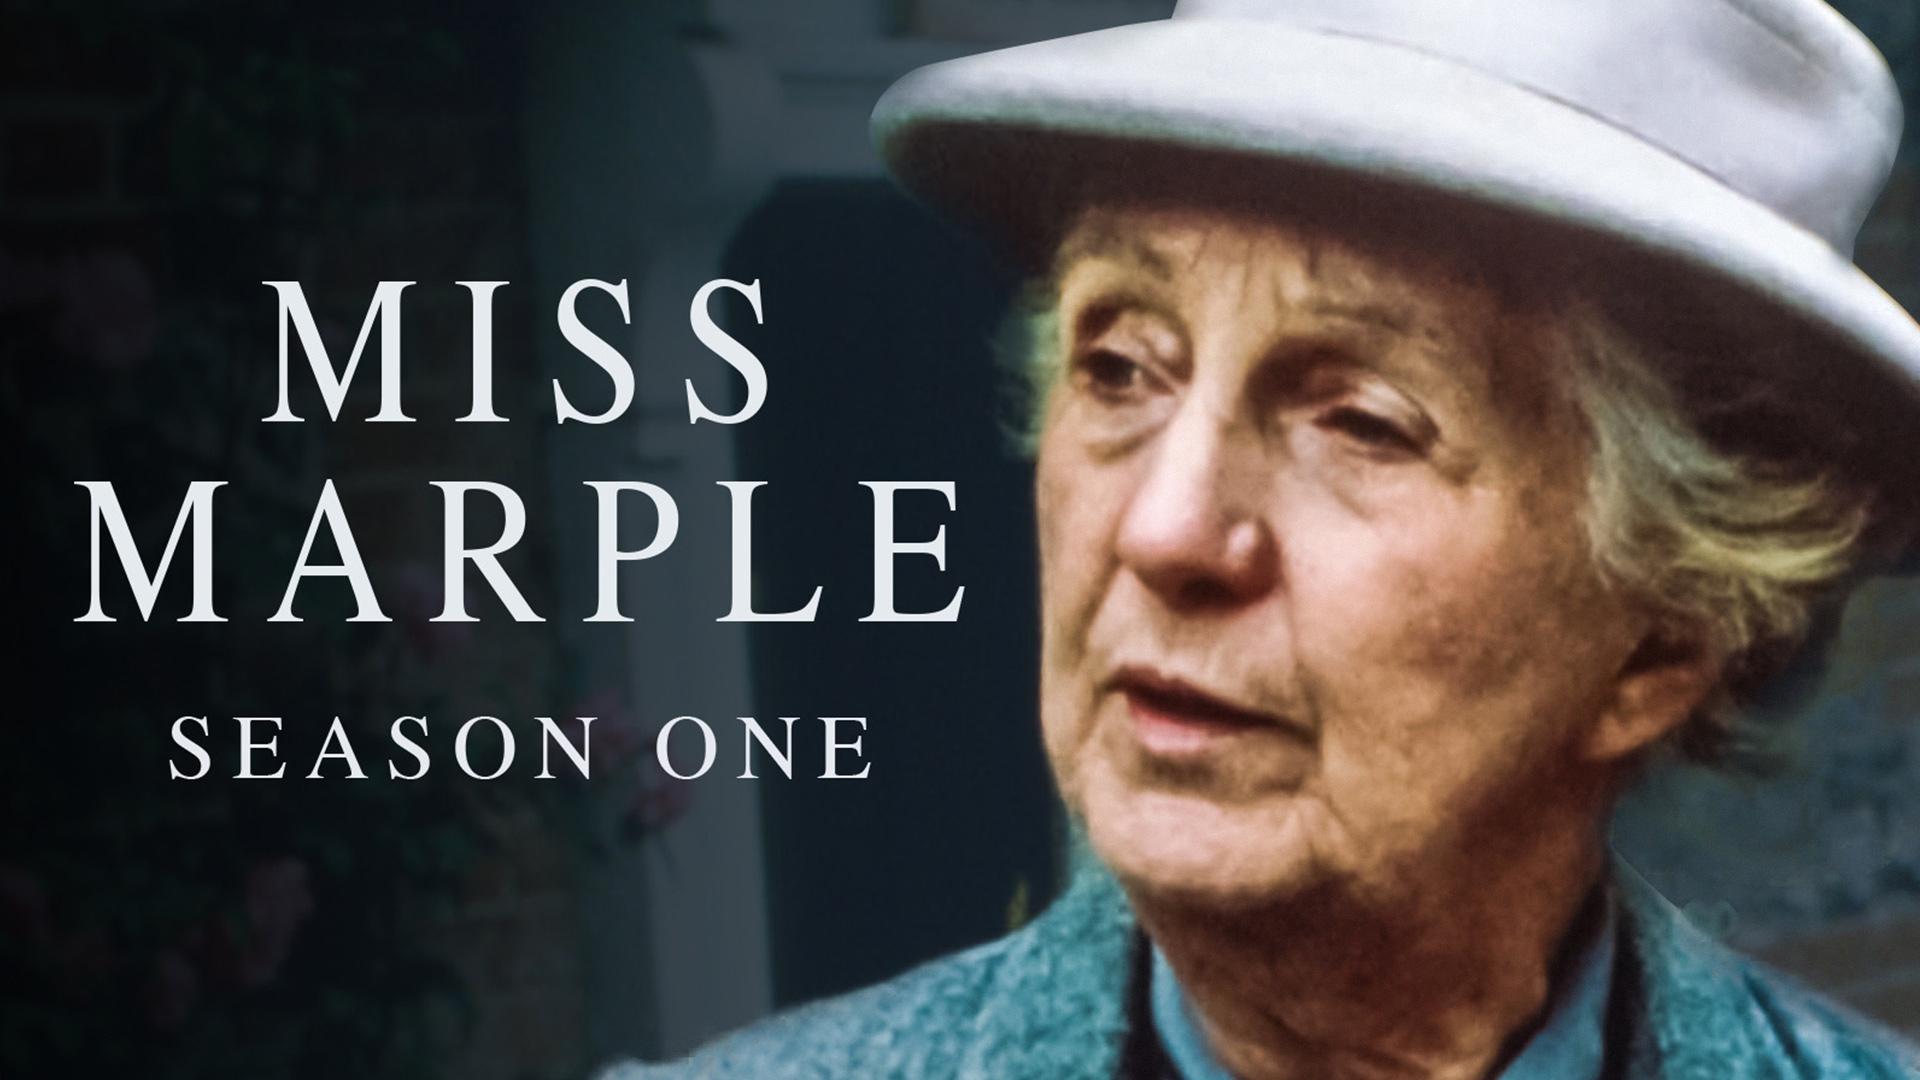 Miss Marple, Season 1